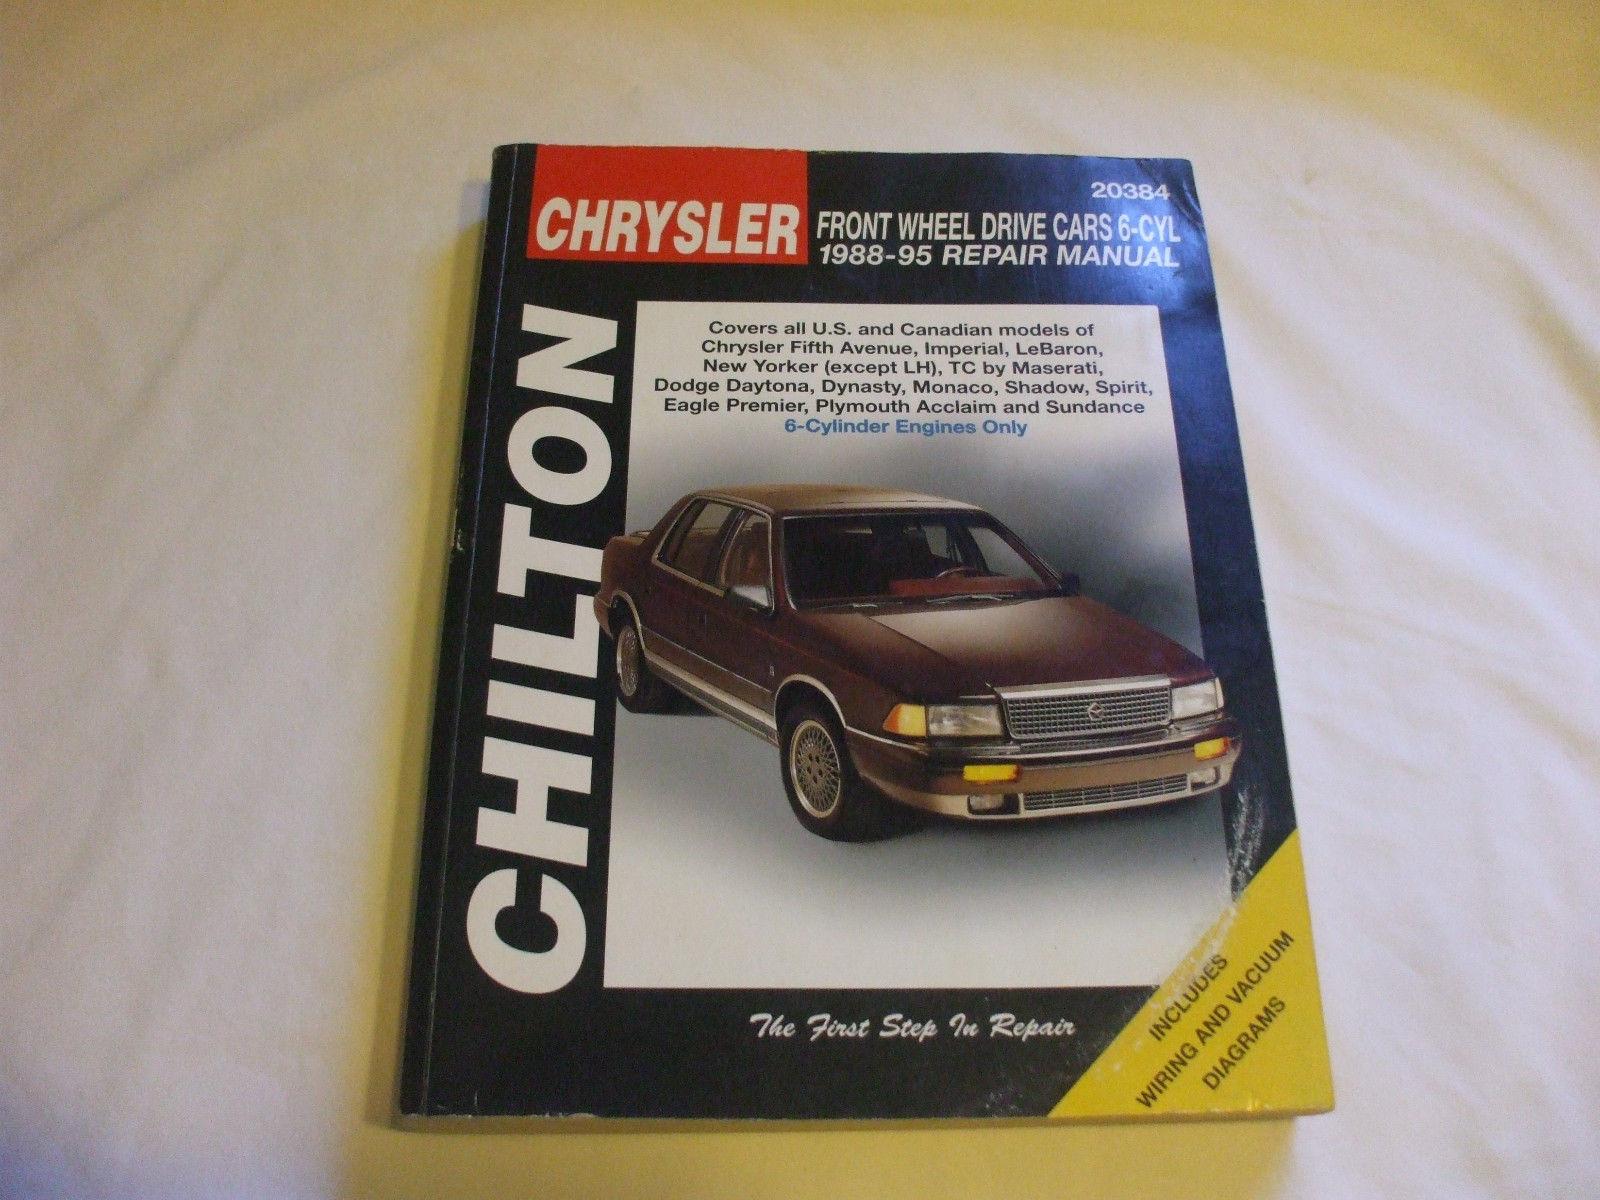 Chrysler: Front Wheel Drive Cars 6 Cyl 1988-95 Mecanics repair manual